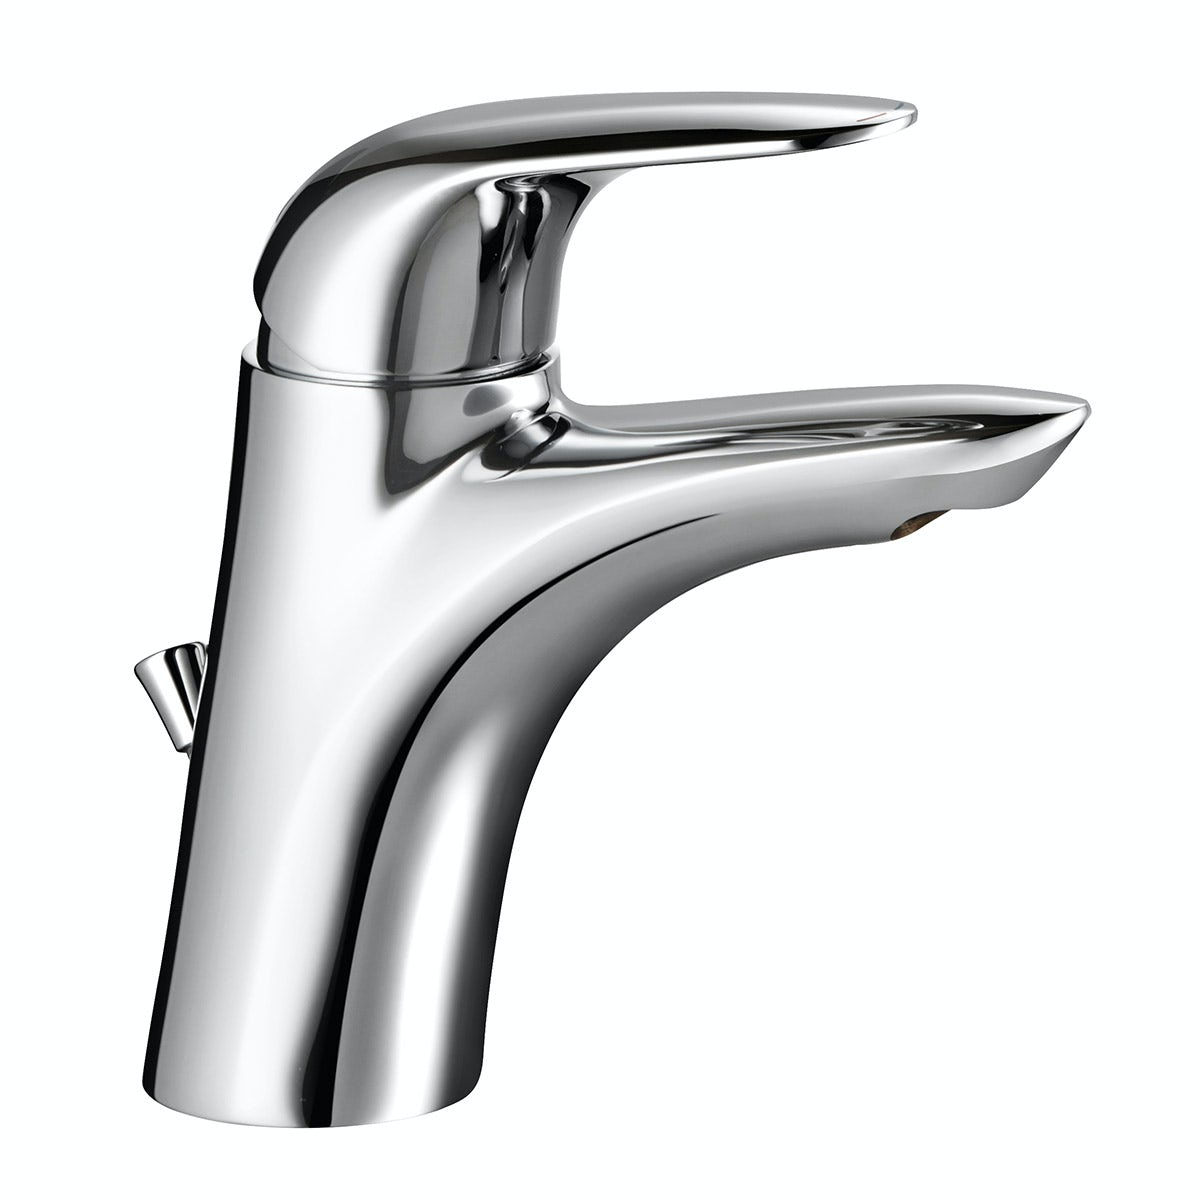 Mira Comfort basin mixer tap